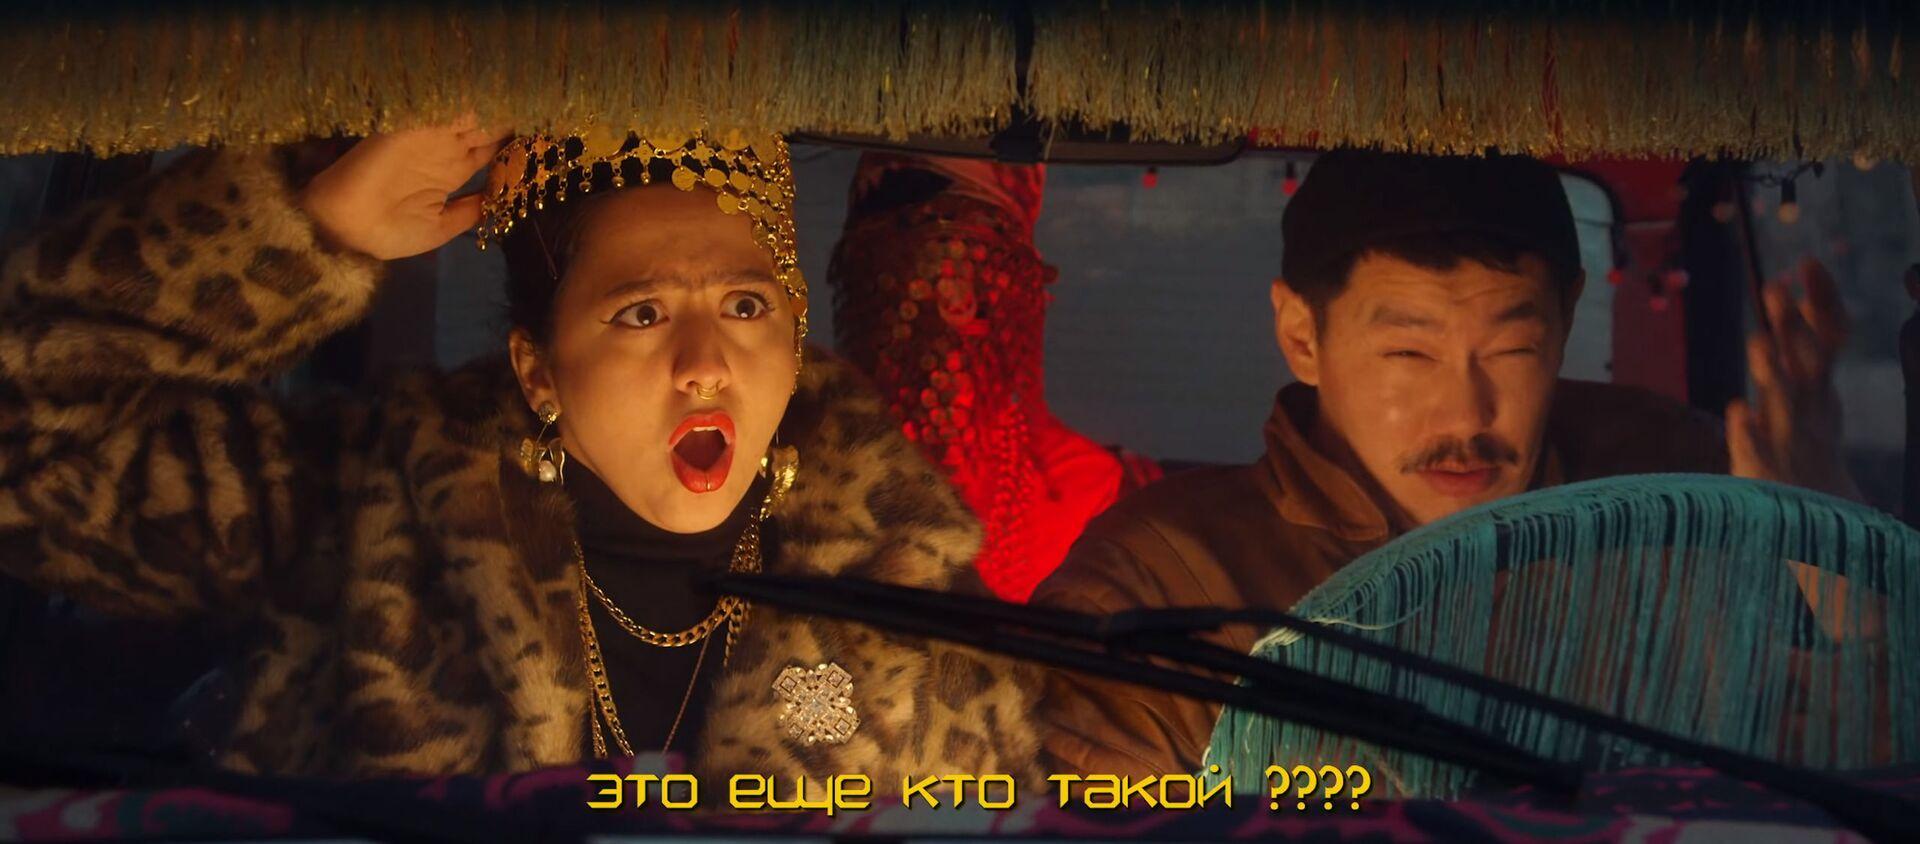 Кадр из музыкального клипа MANIZHA - НЕДОСЛАВЯНКА - Sputnik Таджикистан, 1920, 24.12.2019